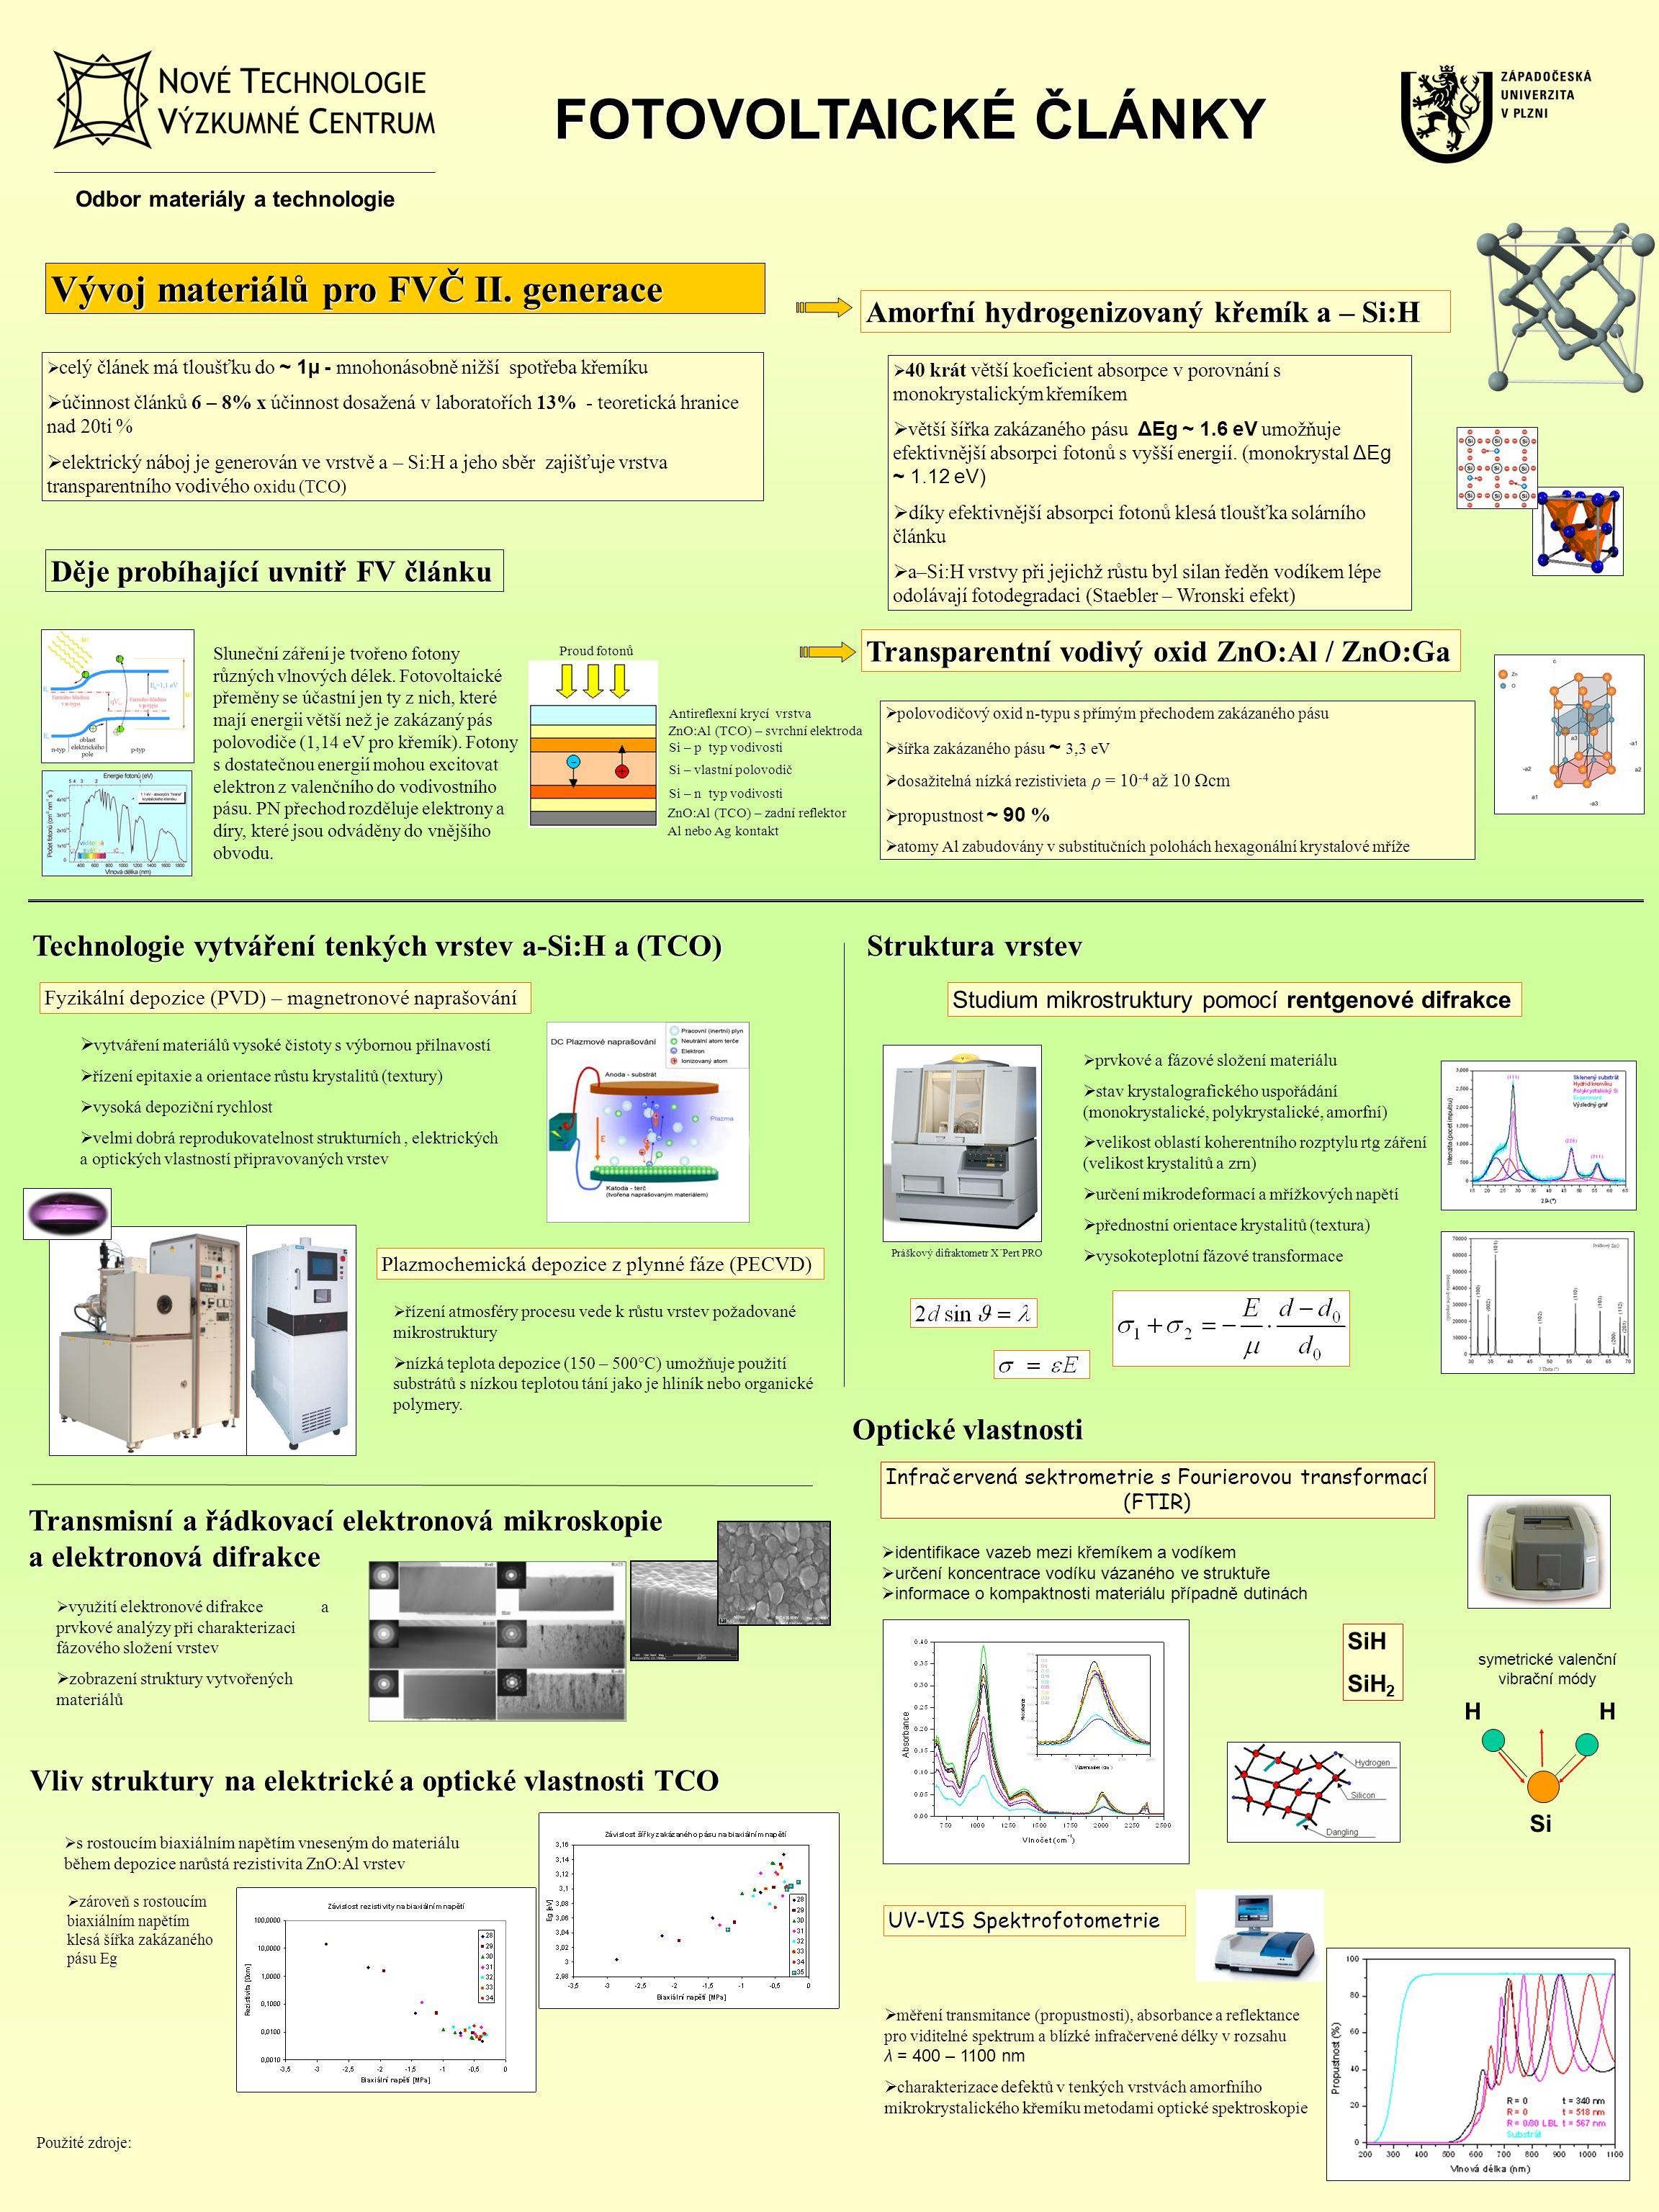 Odbor materiály a technologie Studium mikrostruktury pomocí rentgenové difrakce UV-VIS Spektrofotometrie Transmisní a řádkovací elektronová mikroskopi